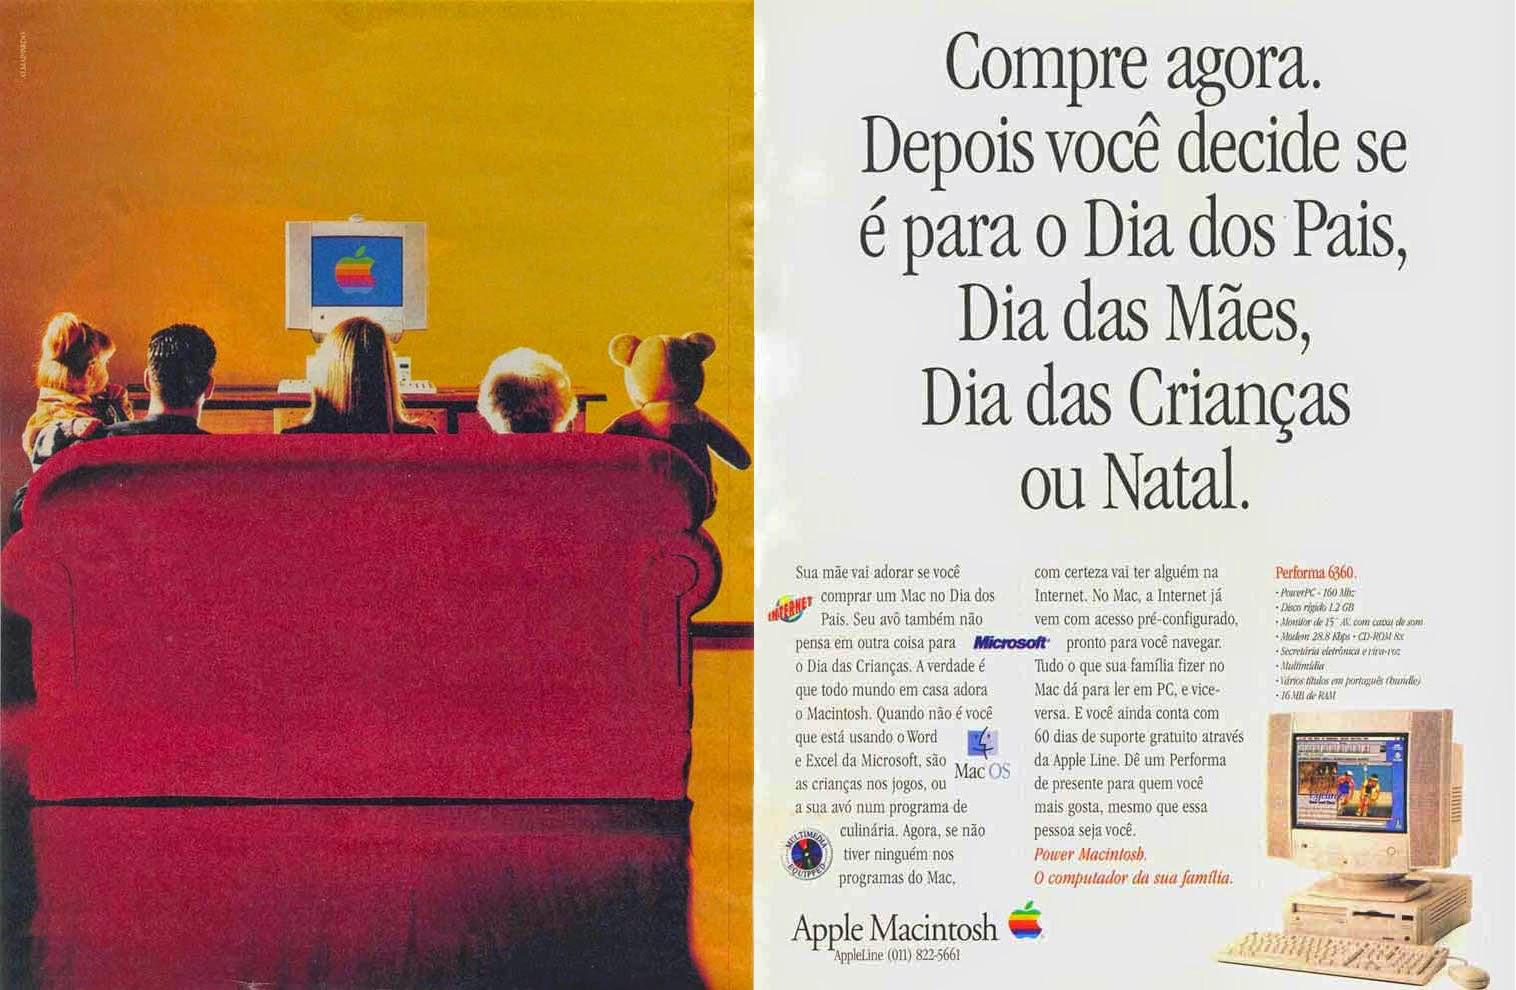 Propaganda da Apple para promover o Macintosh em 1997.